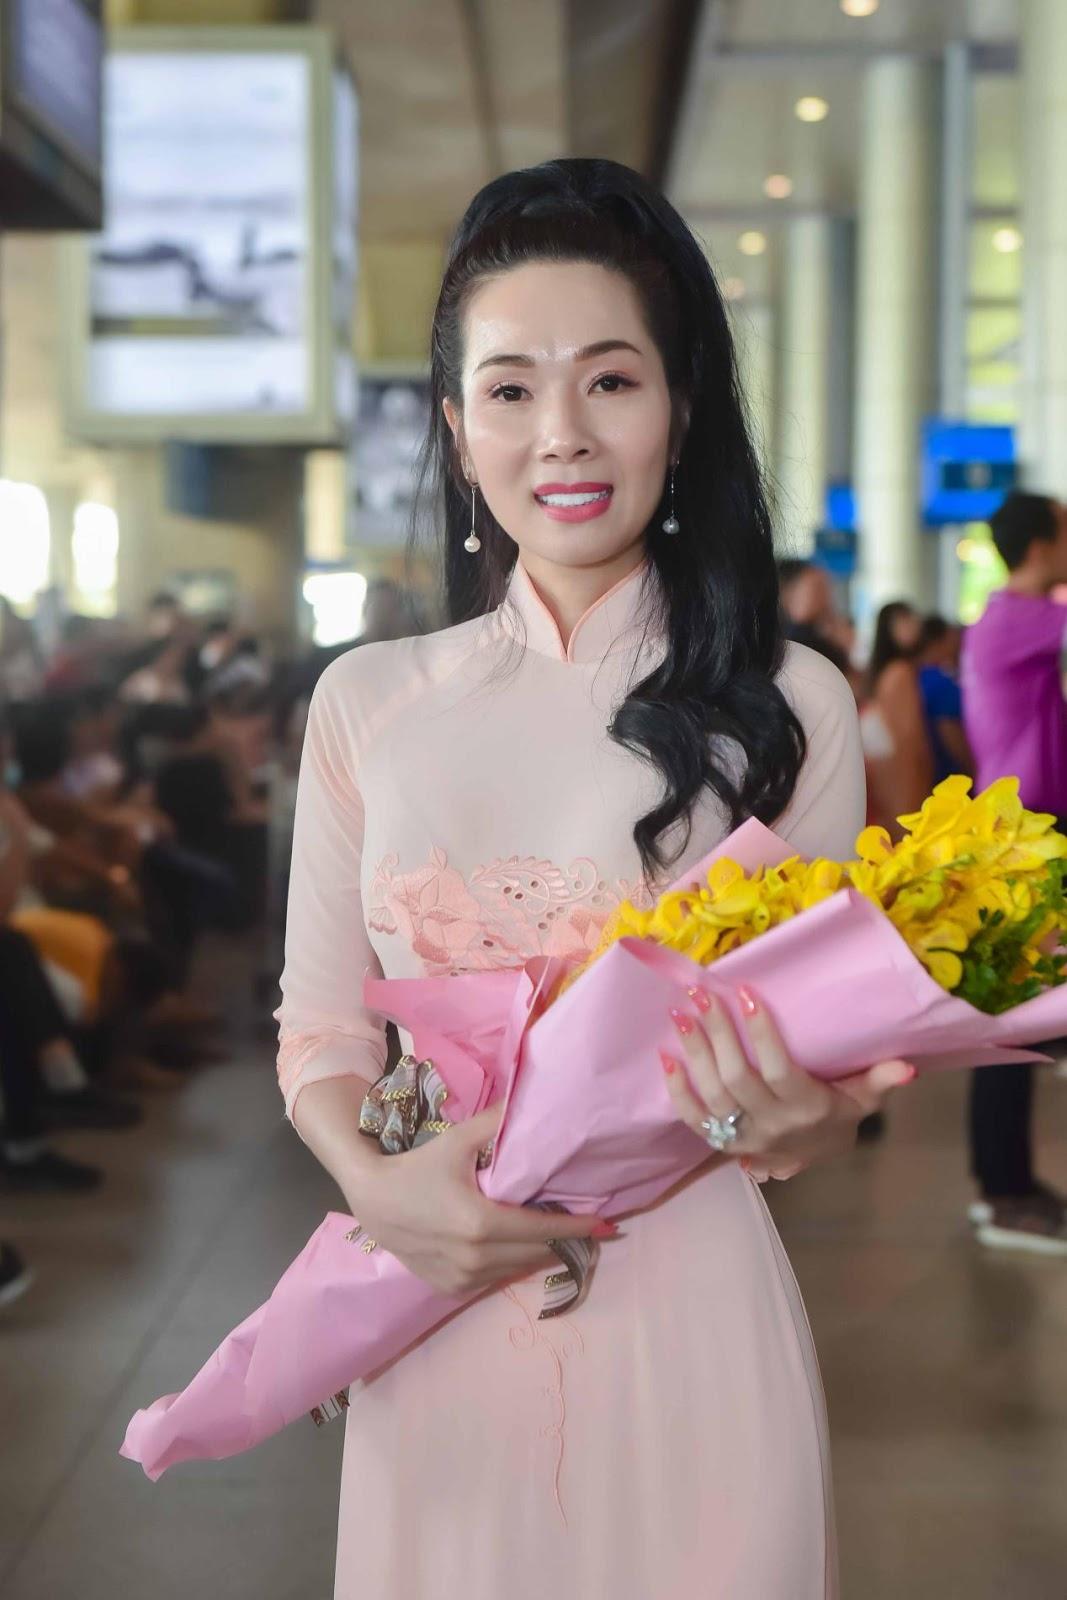 Miss Supranational 2013 Mutya Johanna Datul tự tin khoe sắc vóc trong ngày đầu có mặt tại Việt Nam - Hình 6